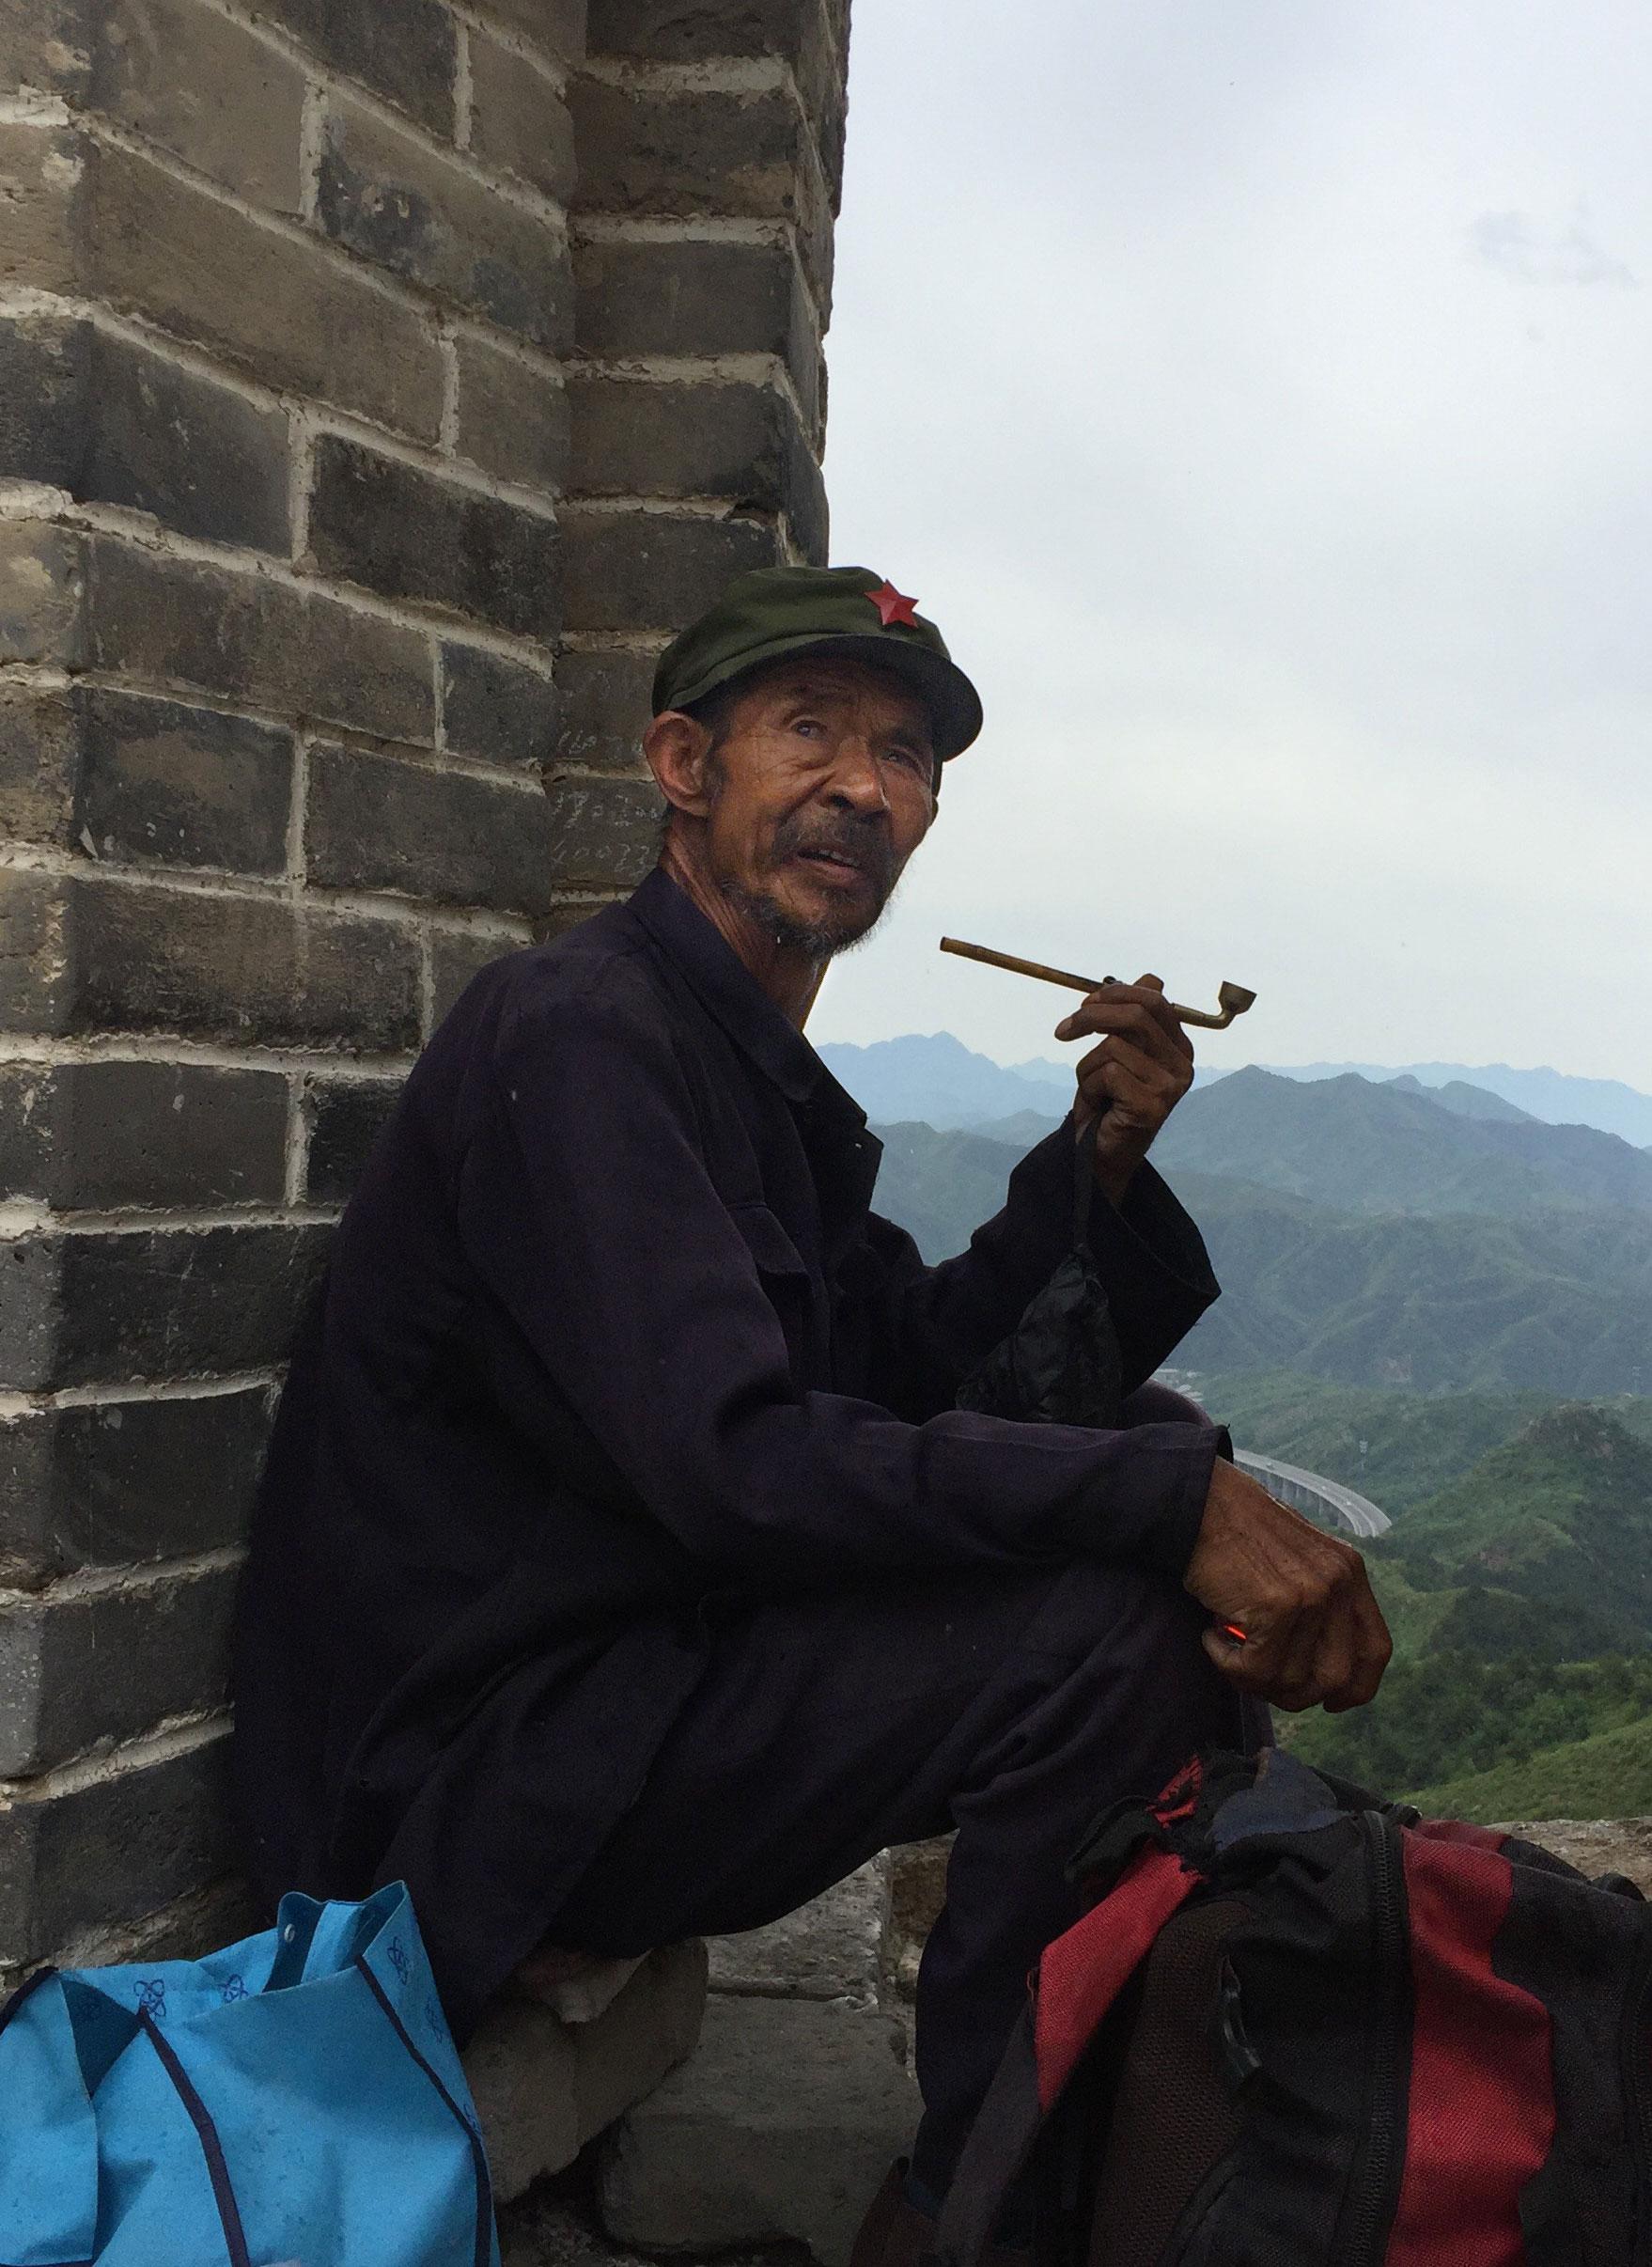 Rencontre lors d'un trek sur la muraille – Chine